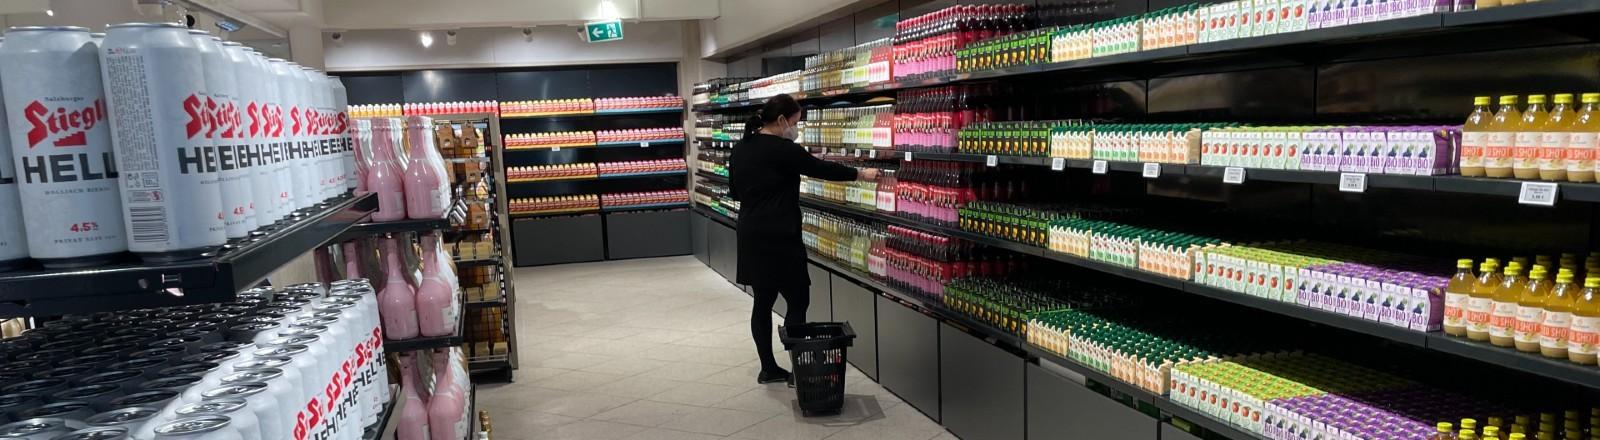 Eine Frau steht in einem sehr aufgeräumten Supermarkt am Regal.